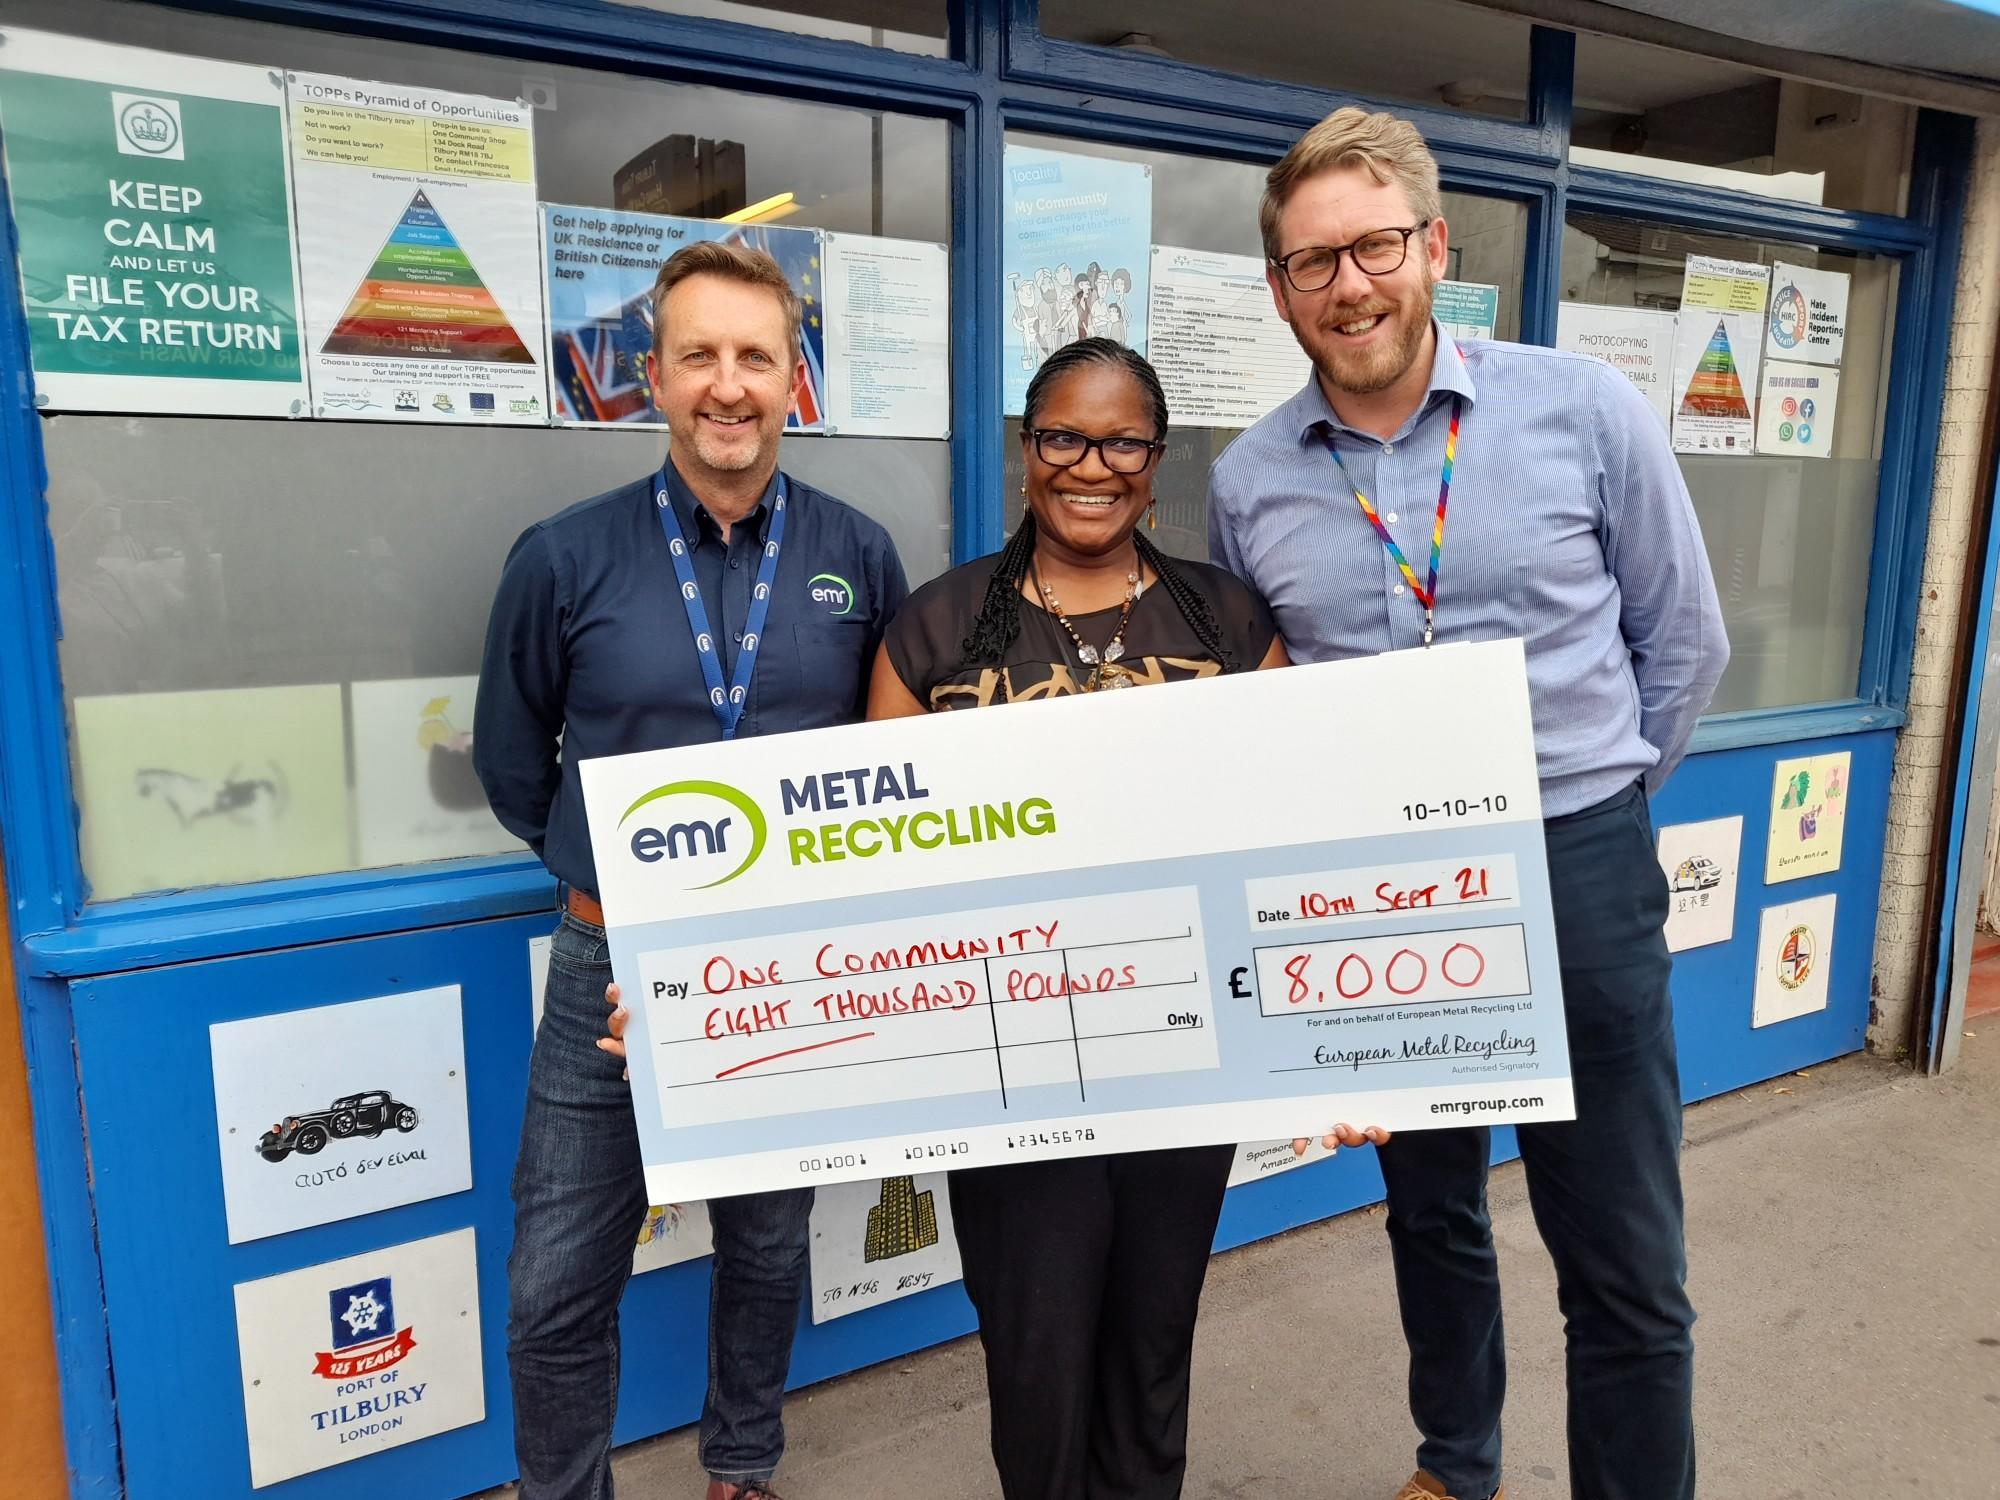 EMR Tilbury awards donation to One Community